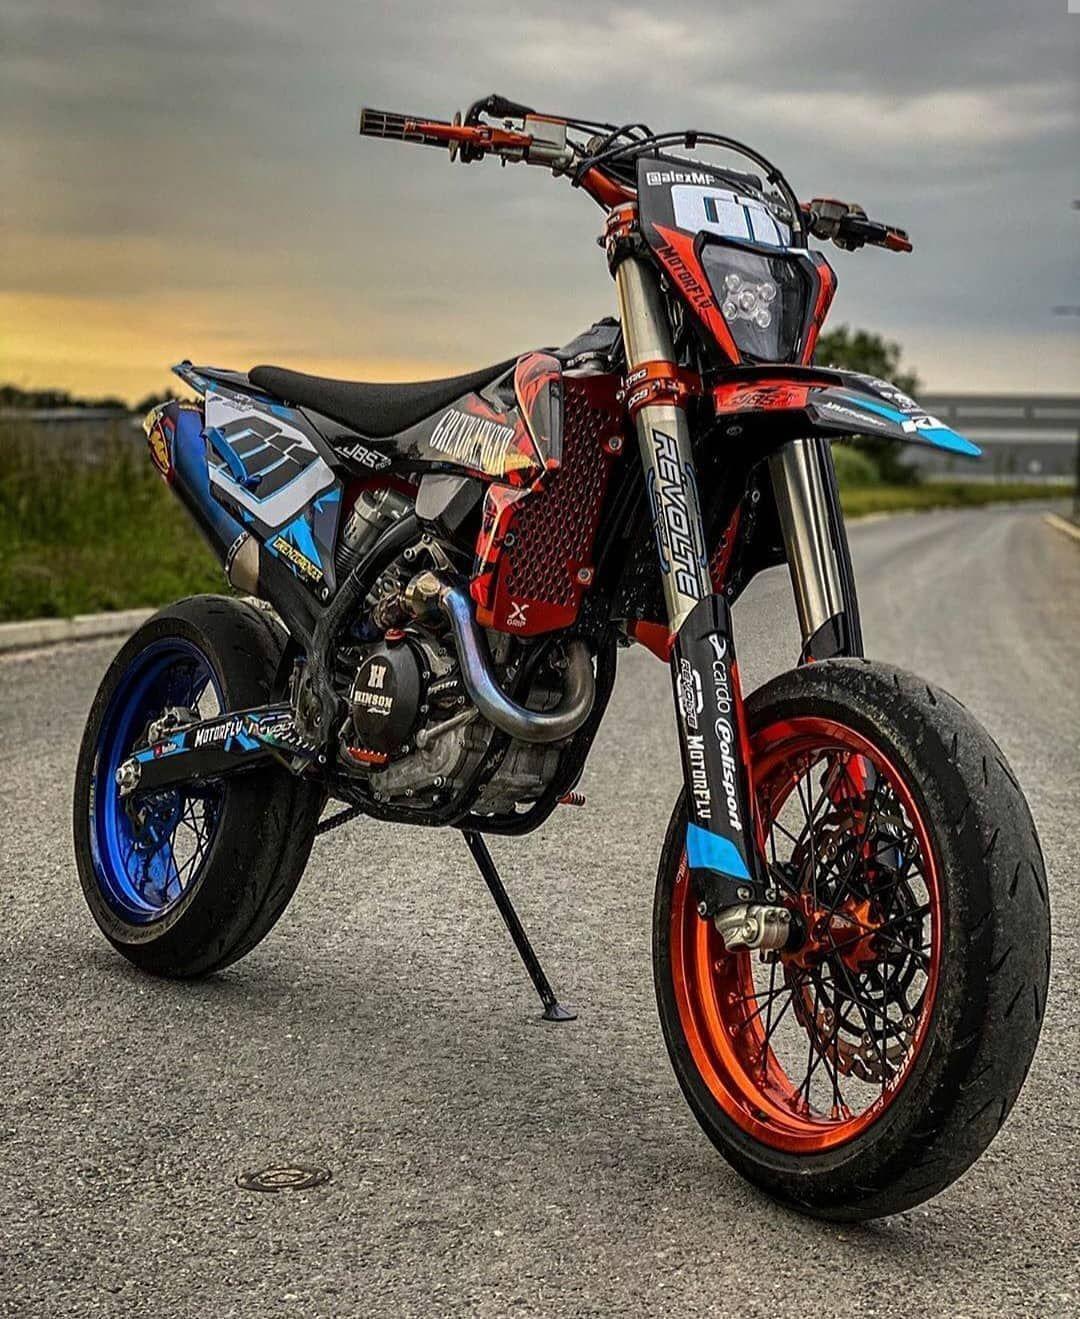 Tumblr In 2021 Supermoto Bike Life Motorcycle Download ktm motard wallpaper pics